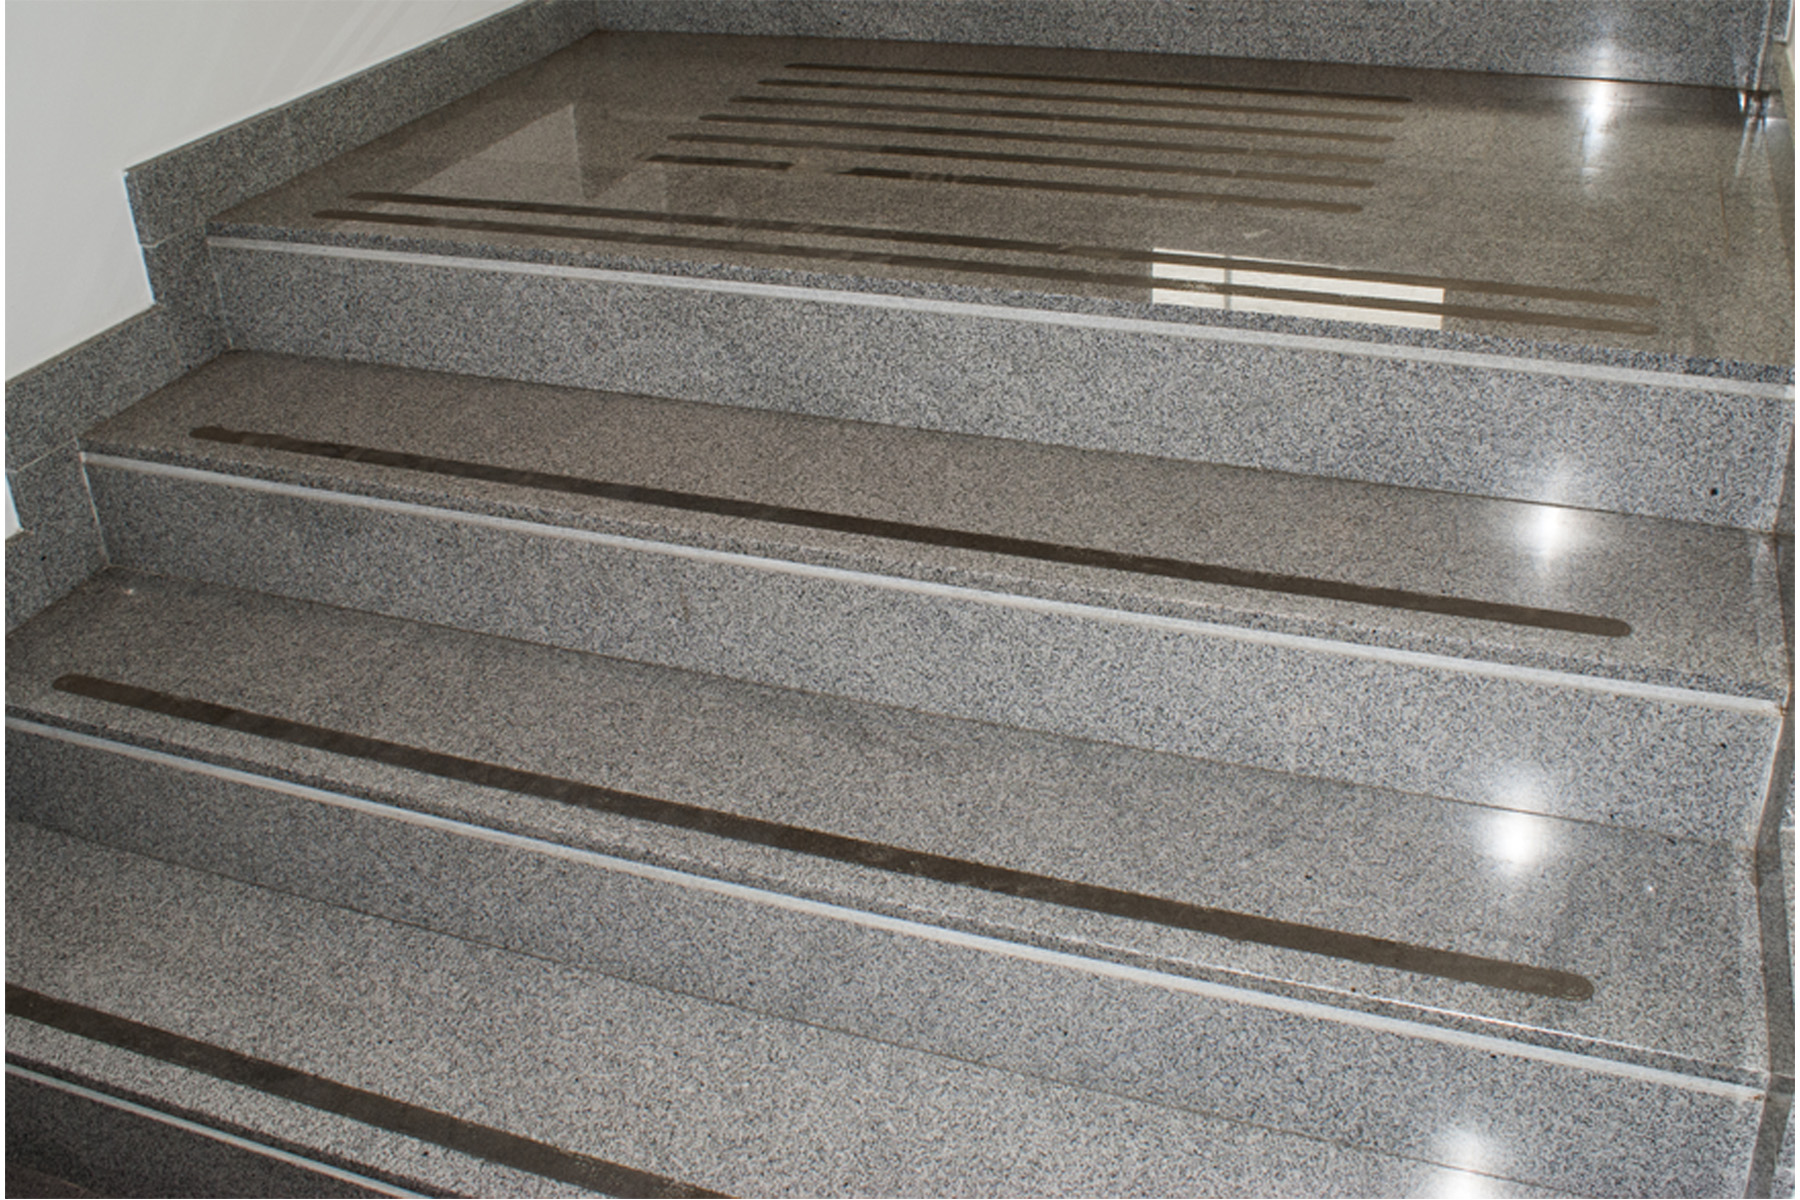 CINTA ANTIDESLIZANTE NEGRA 5M X 5CM